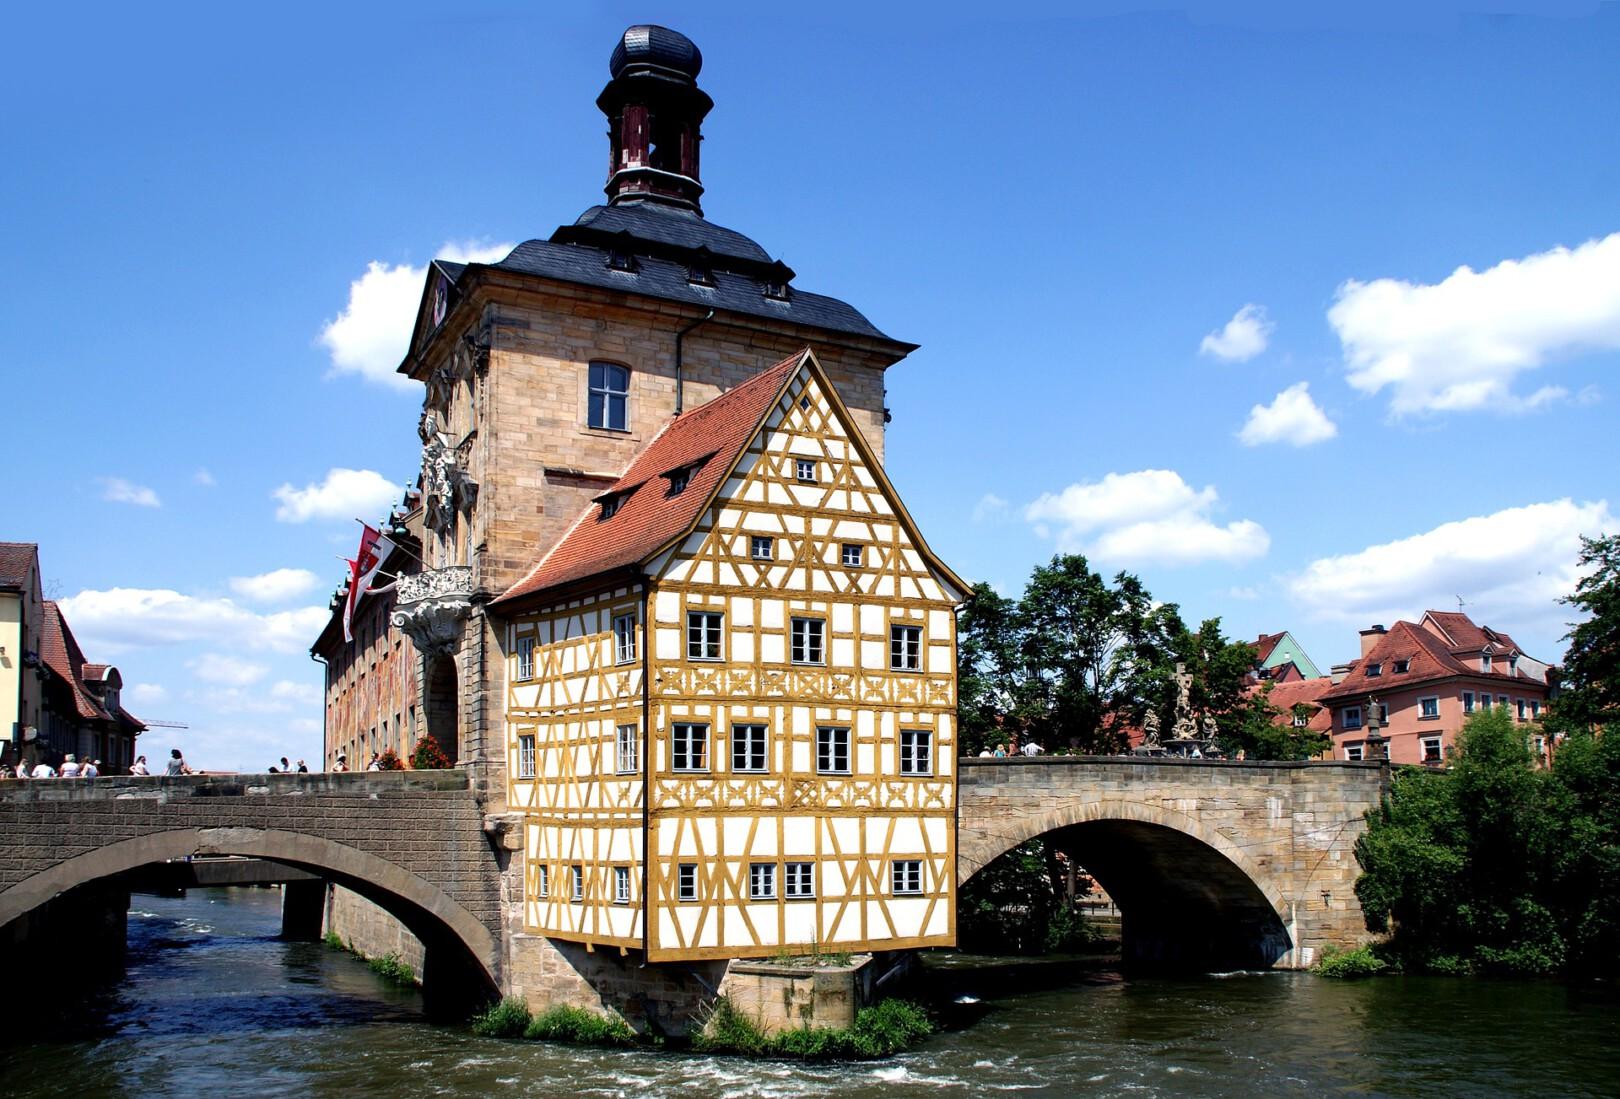 fachwerkhaus 941482 1920 - Dit zijn de 12 leukste dorpjes en kleine stadjes in Duitsland om te bezoeken!